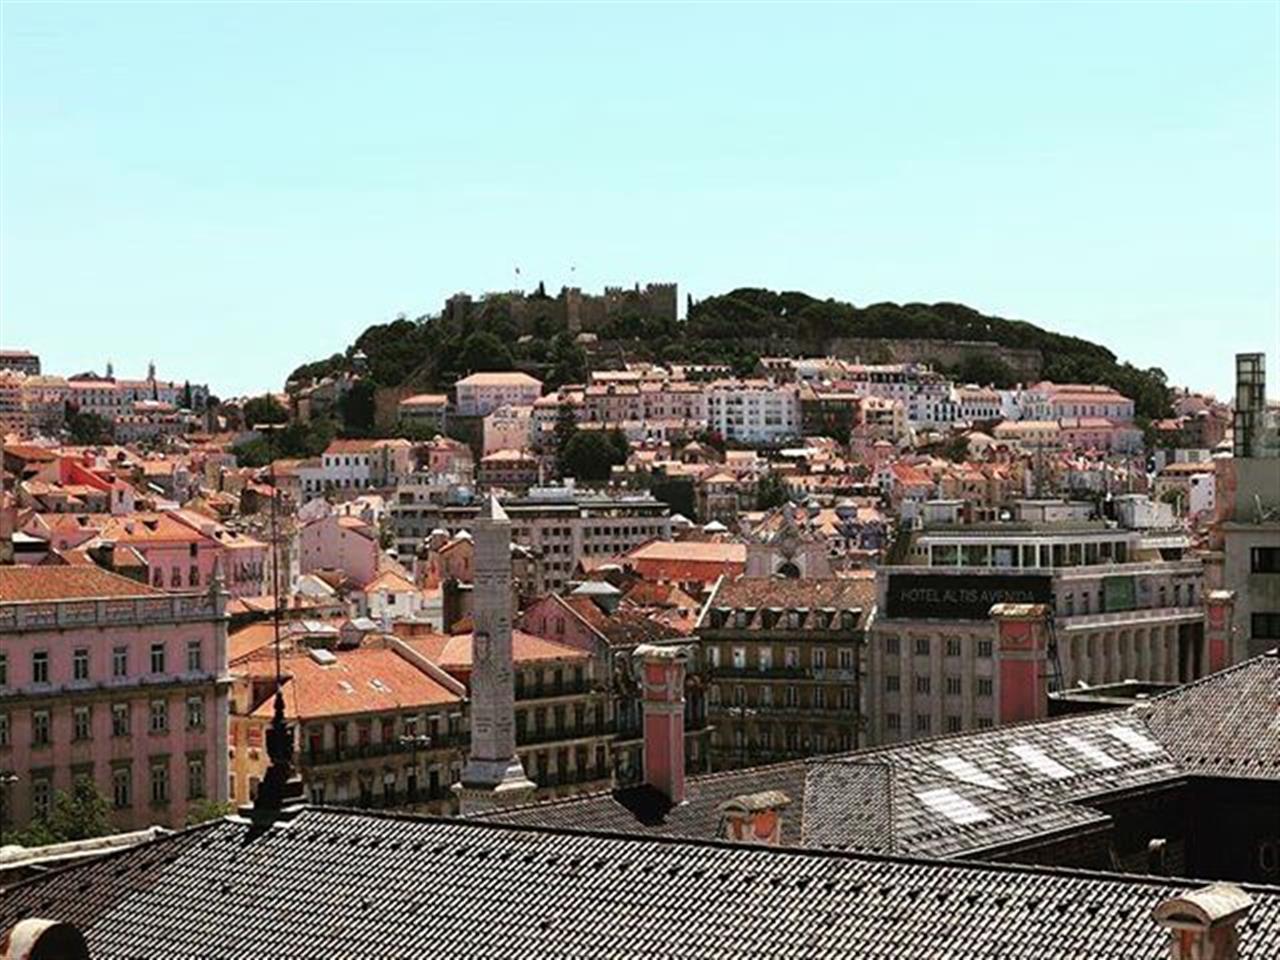 Apartamento T4, mobilado e com vista sobre a cidade de Lisboa! Saiba tudo em www.ins.pt | Ref. 100640A #insrealestateportugal #leadingrelocal #lisbon #portugal #view